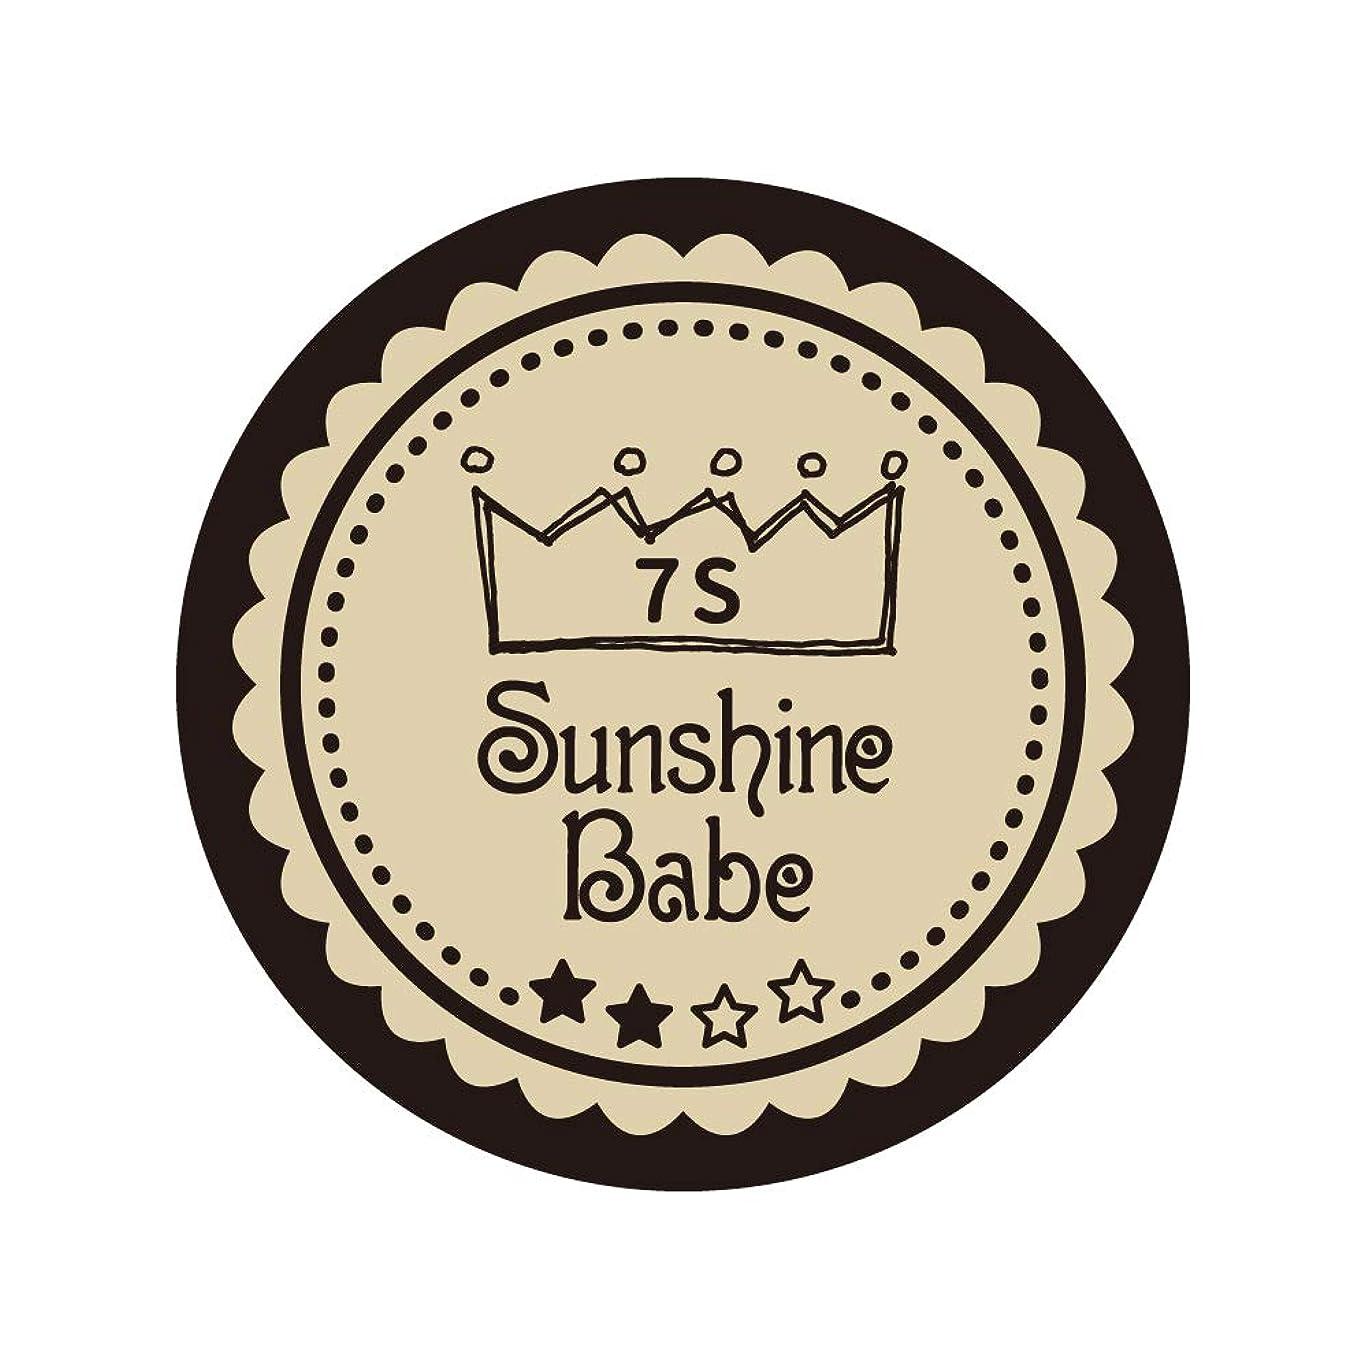 知覚できる染料アカデミックSunshine Babe コスメティックカラー 7S ウォームサンド 4g UV/LED対応